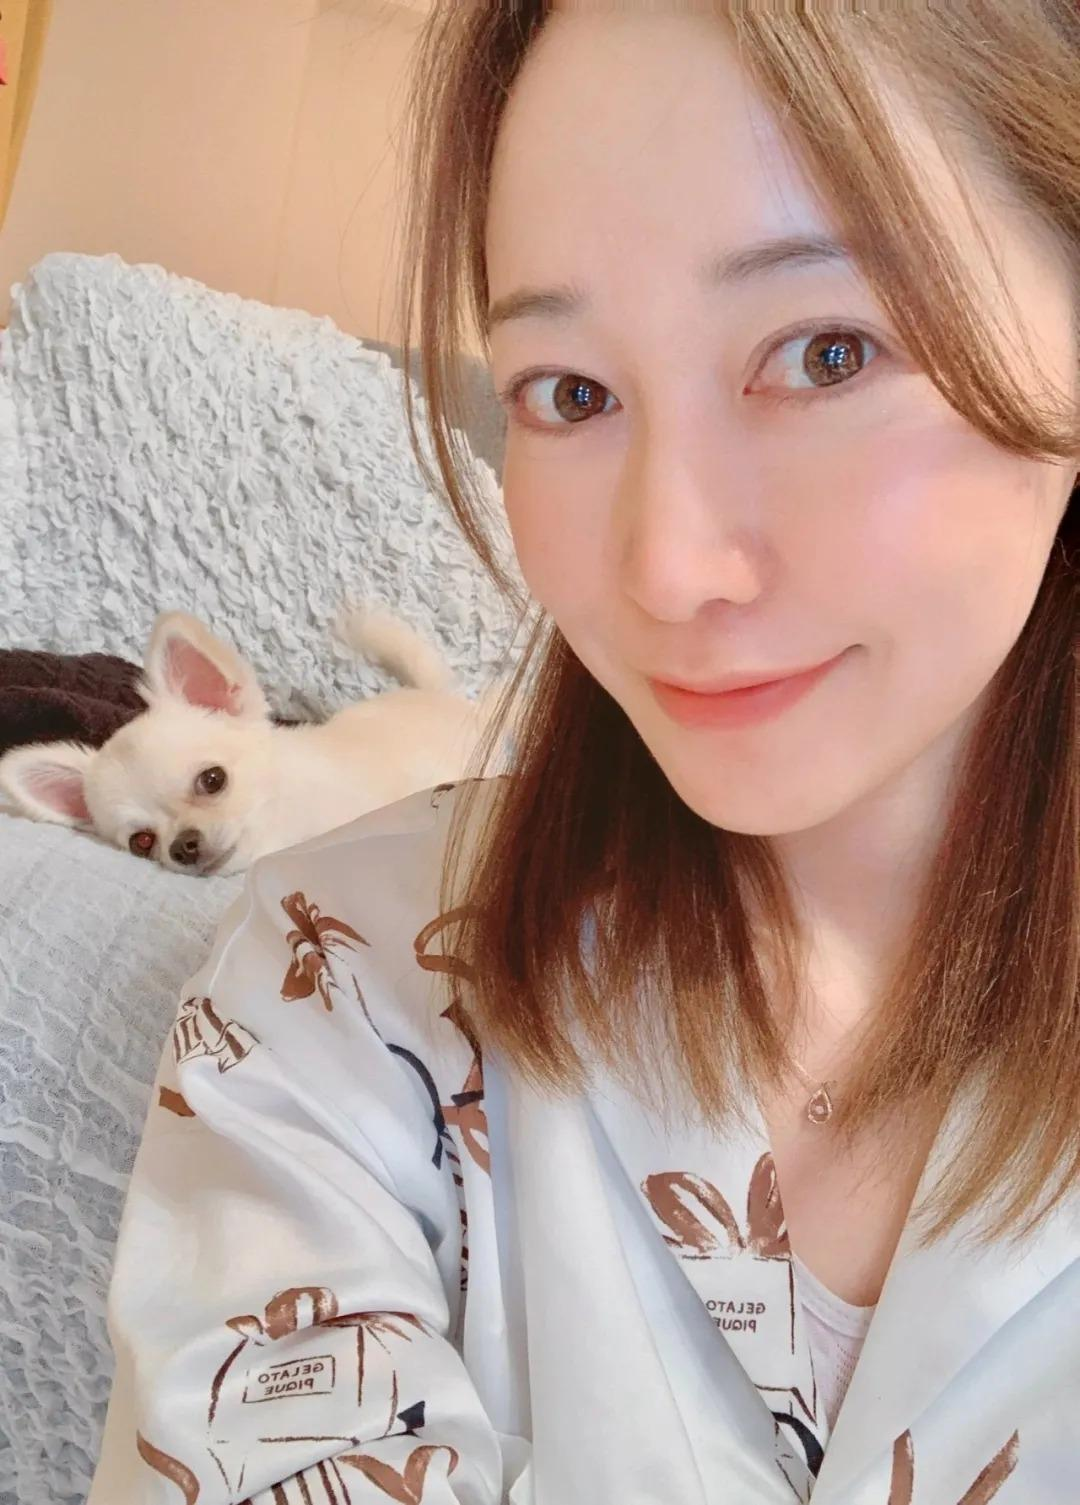 篠田优资料_出道至今最经典好看番号作品封面图片分享